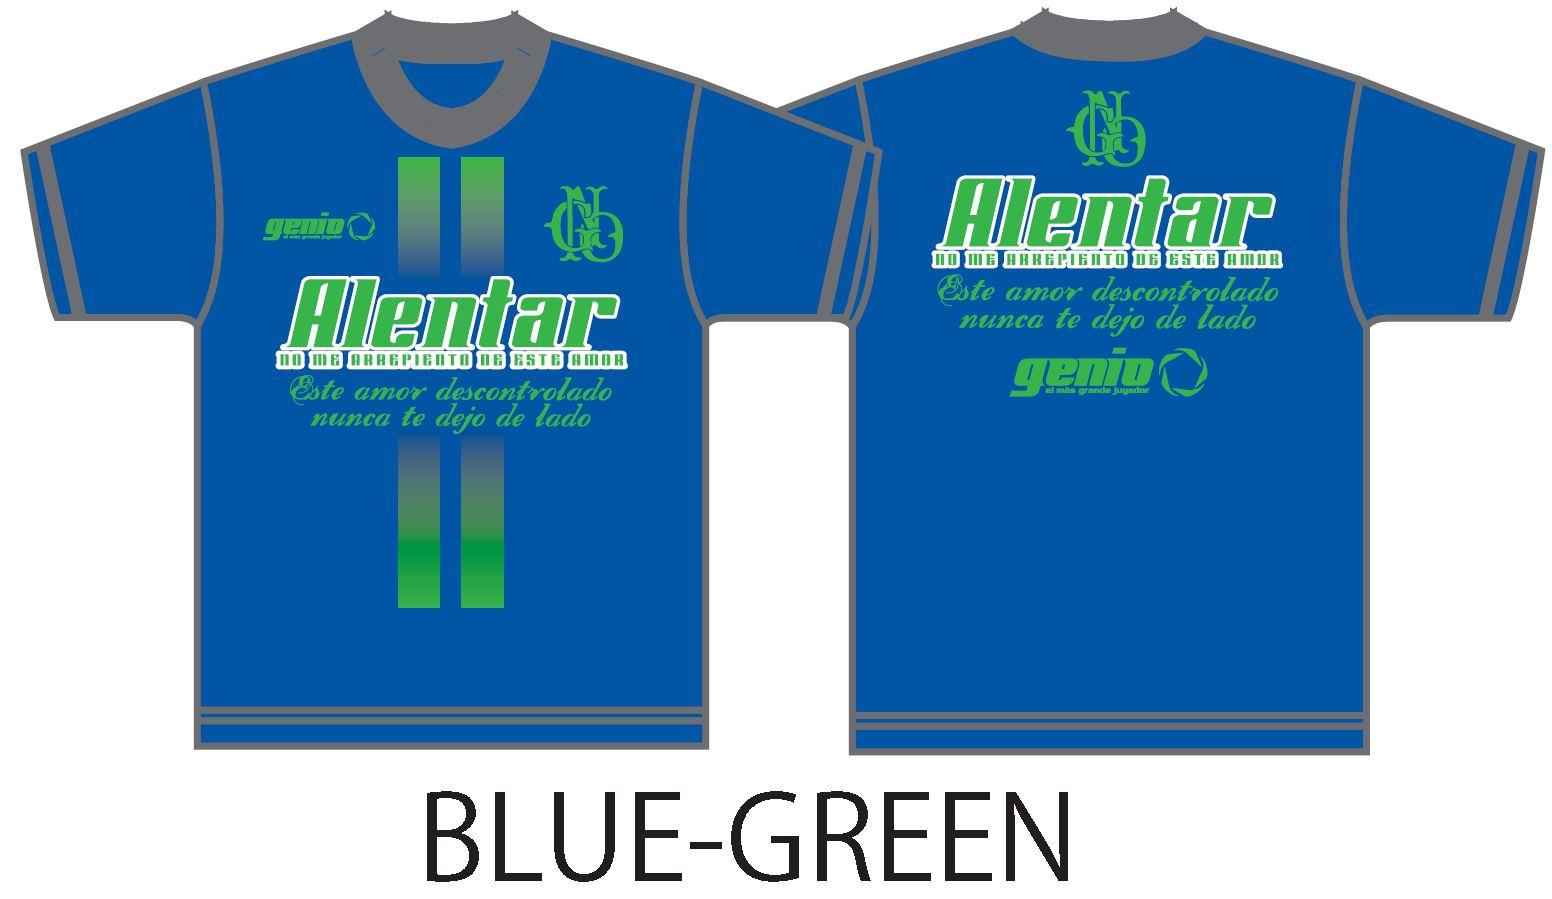 G14SS-001-5【ALENTAR-】T-Shirts&Dry-Shirts.jpg